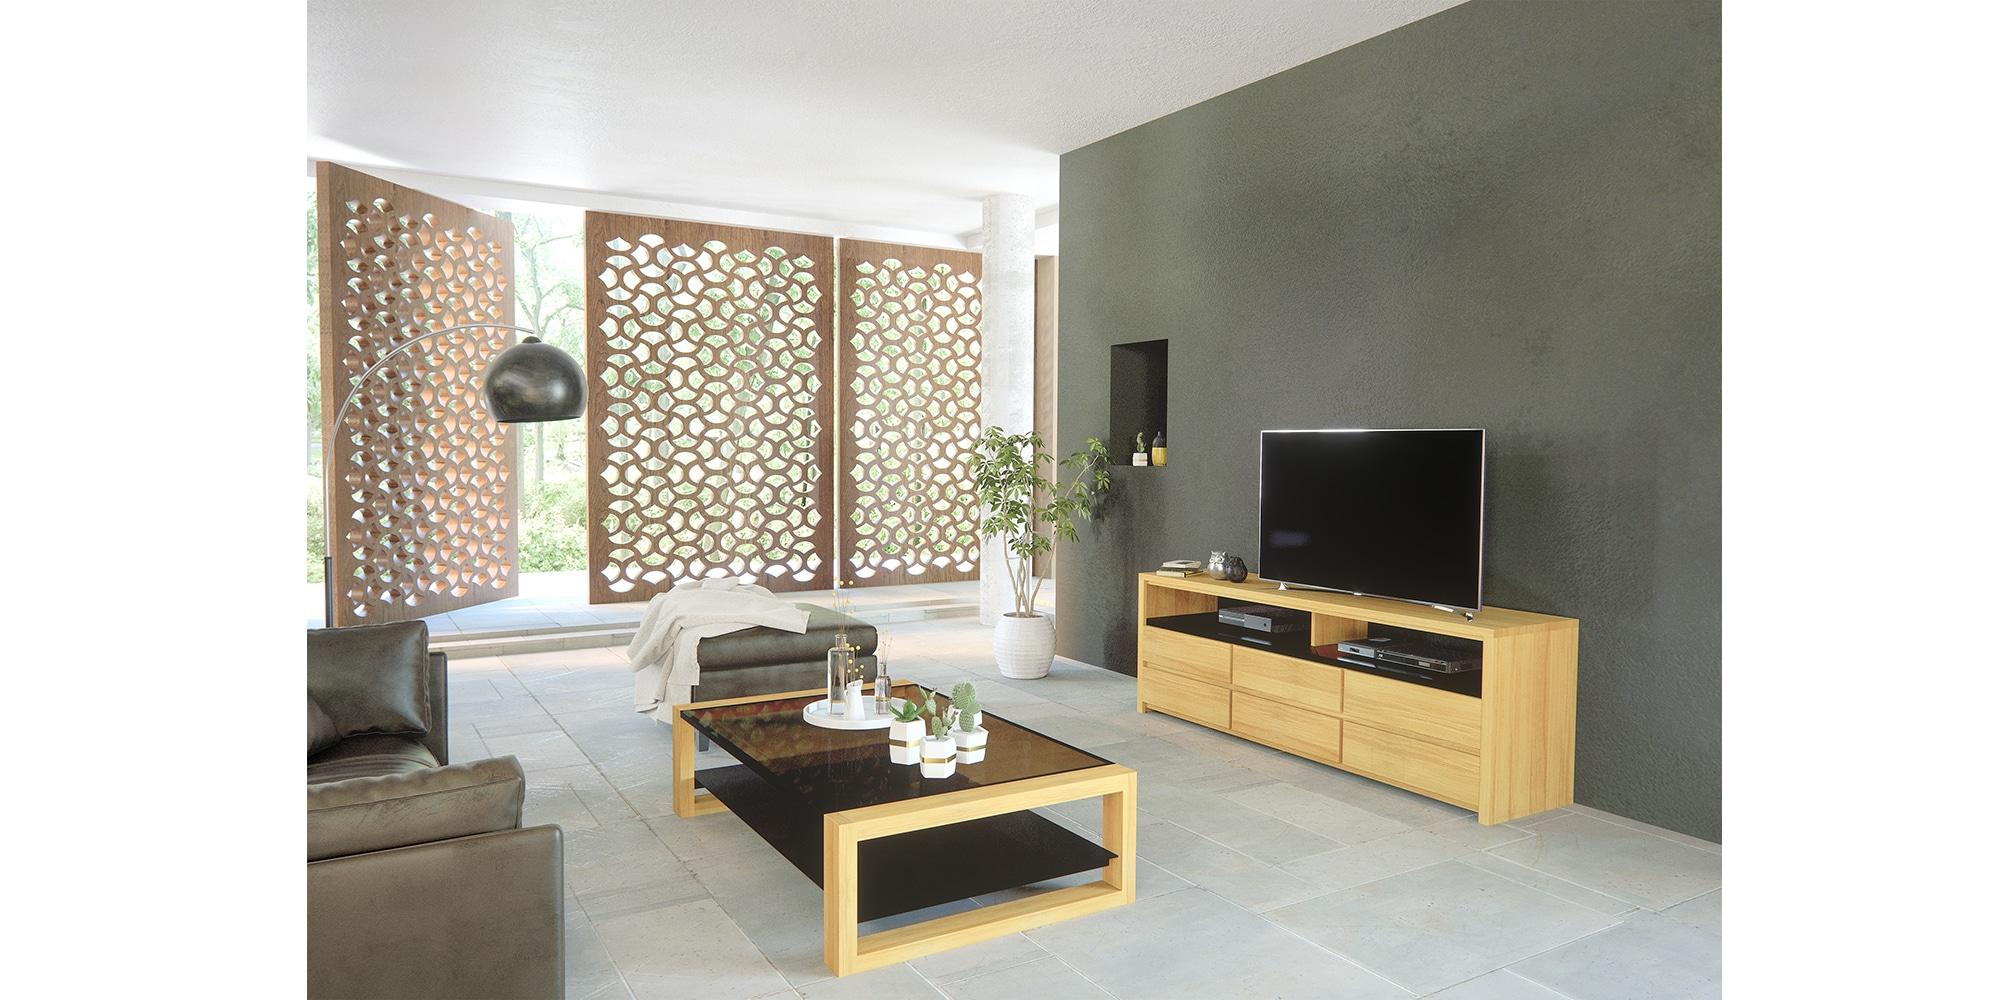 Table basse en bois au design moderne